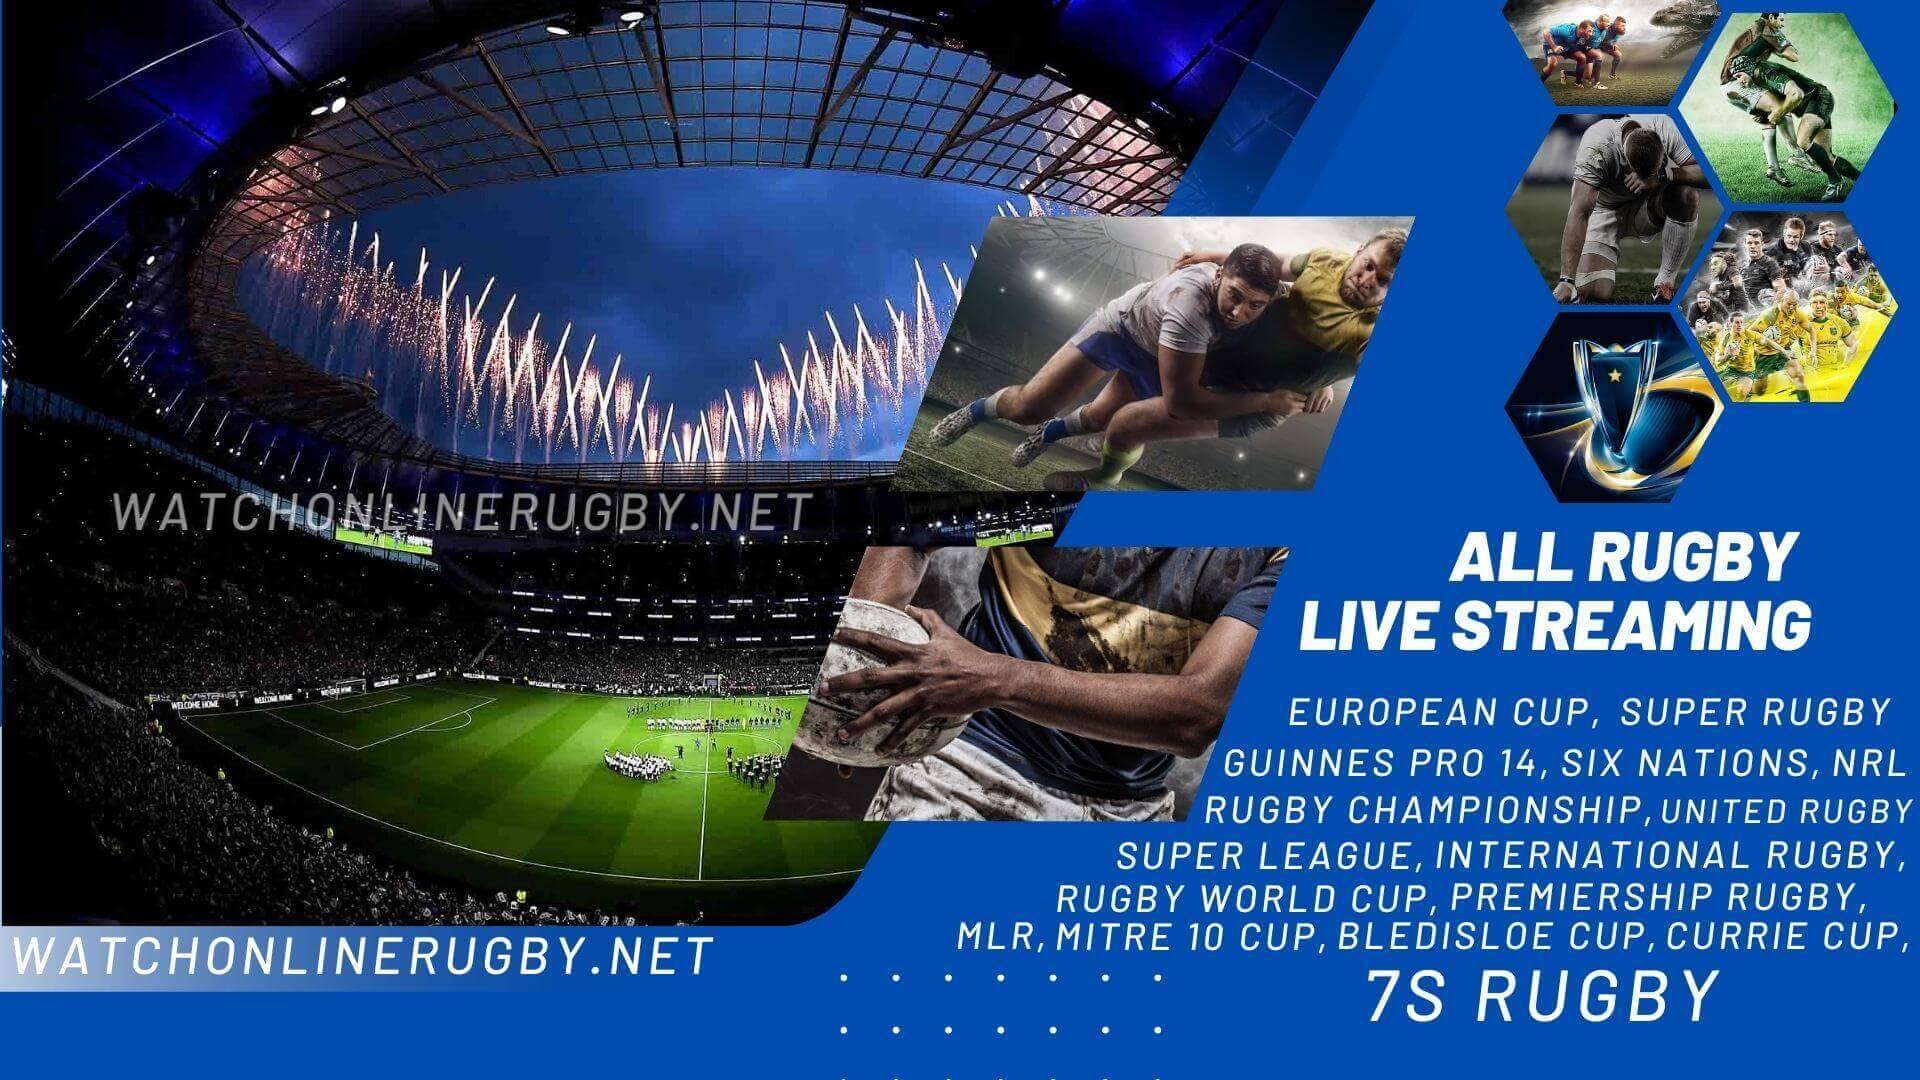 gloucester-rugby-vs-saracens-live